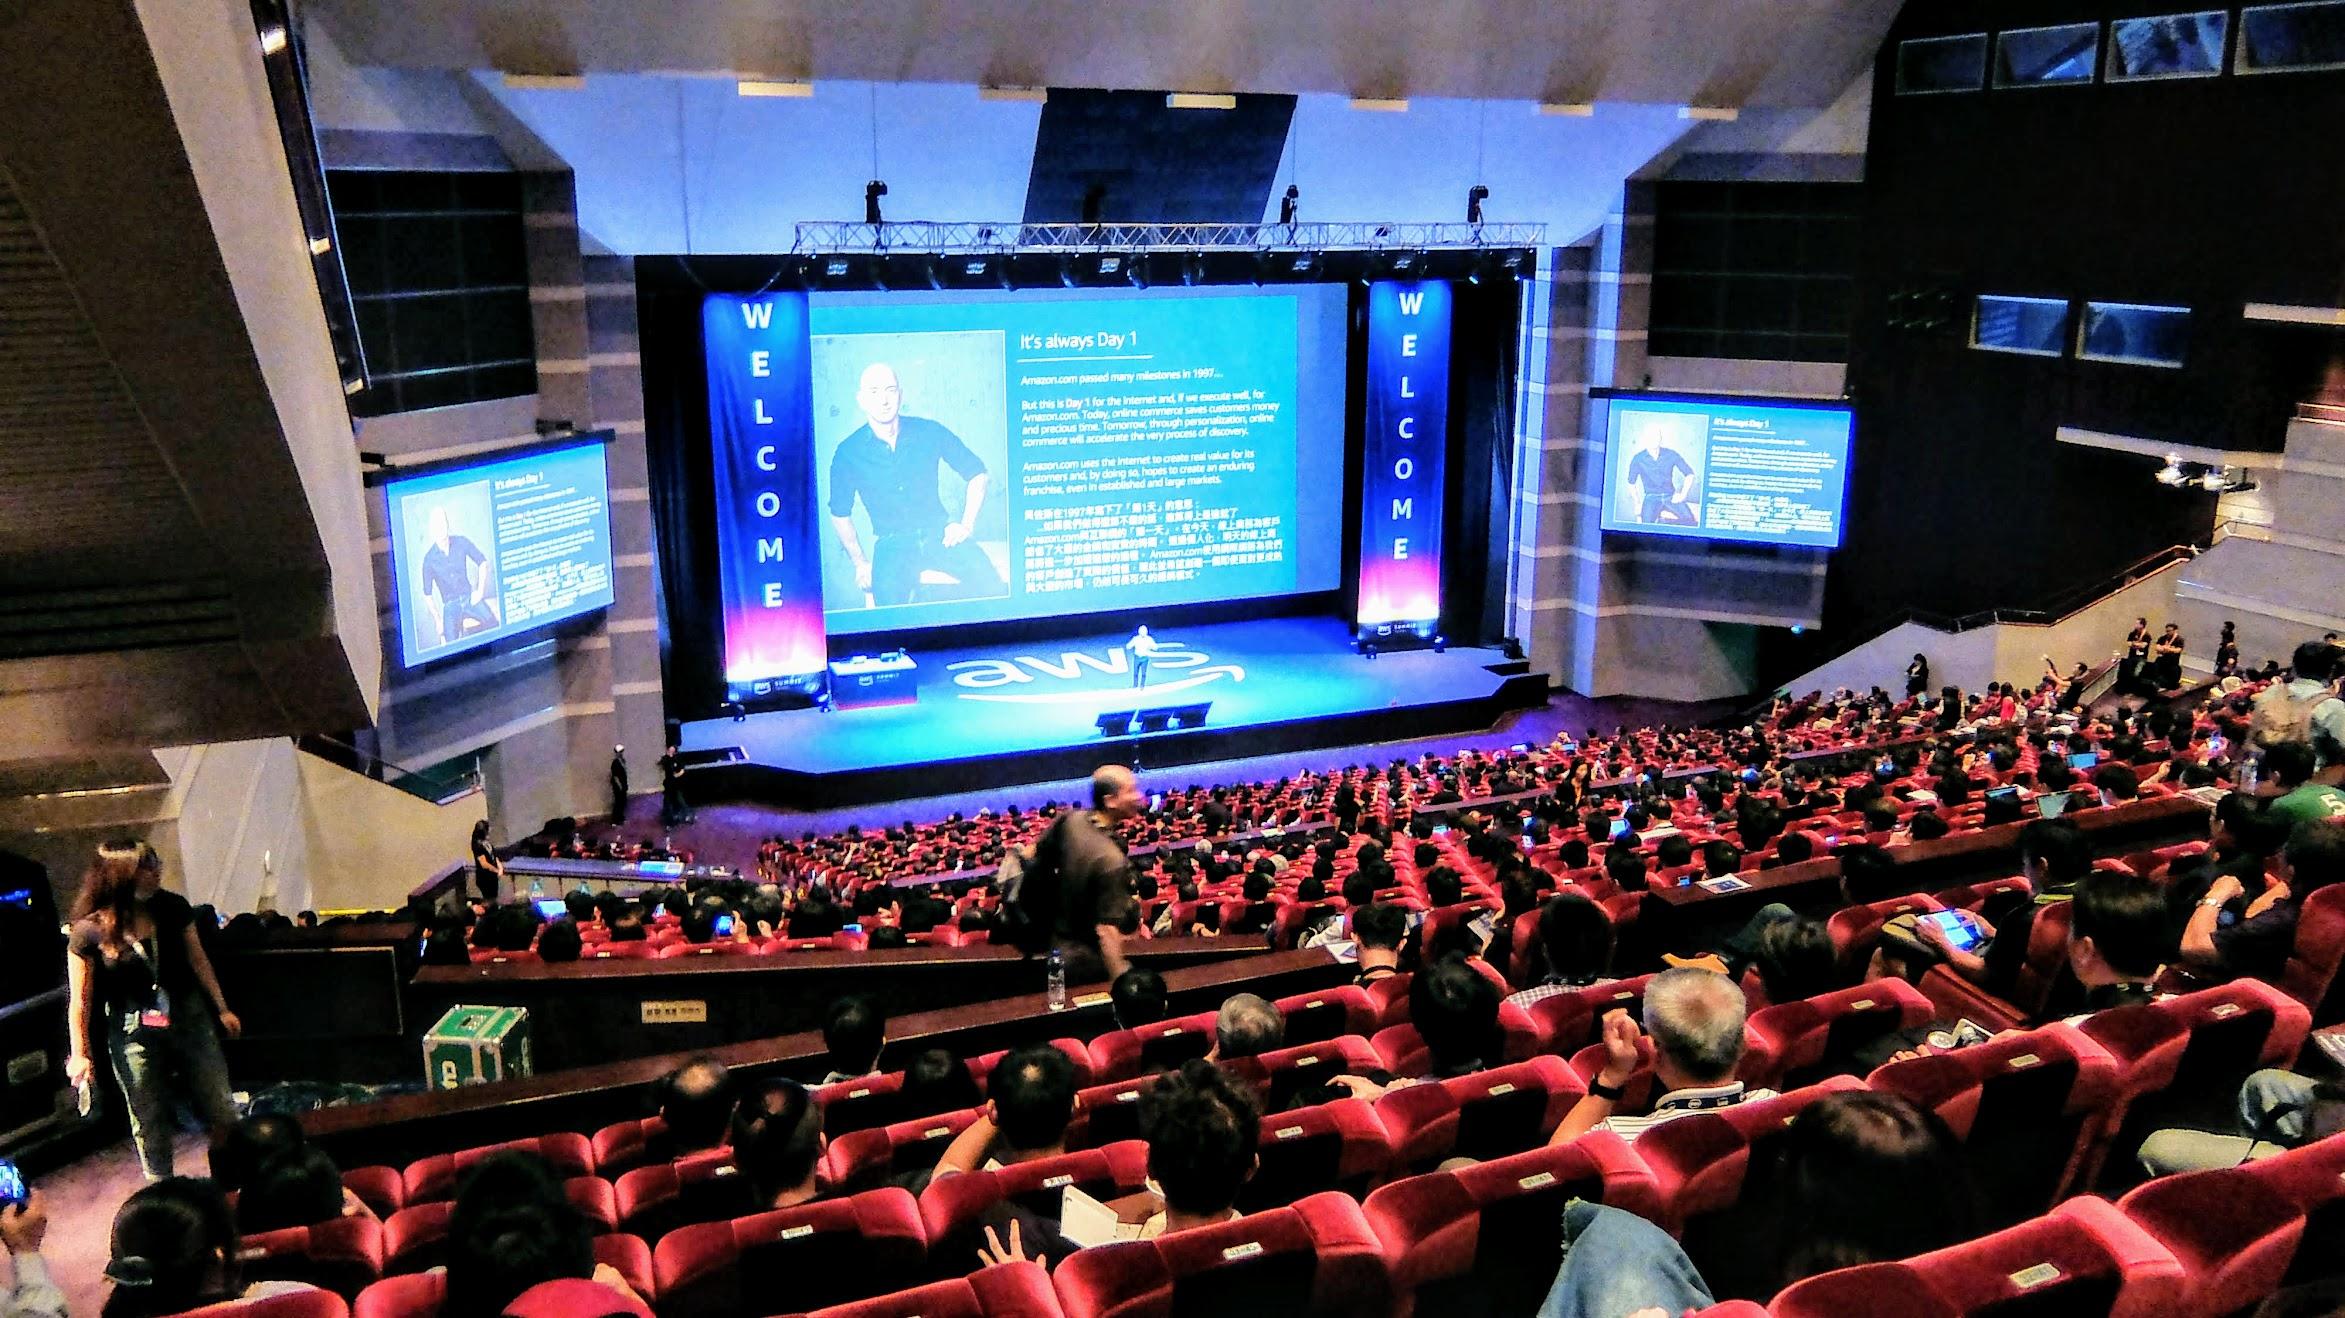 第二天的議場,大廳又舒服! 許多講者是全英文的,還好都聽得懂XD